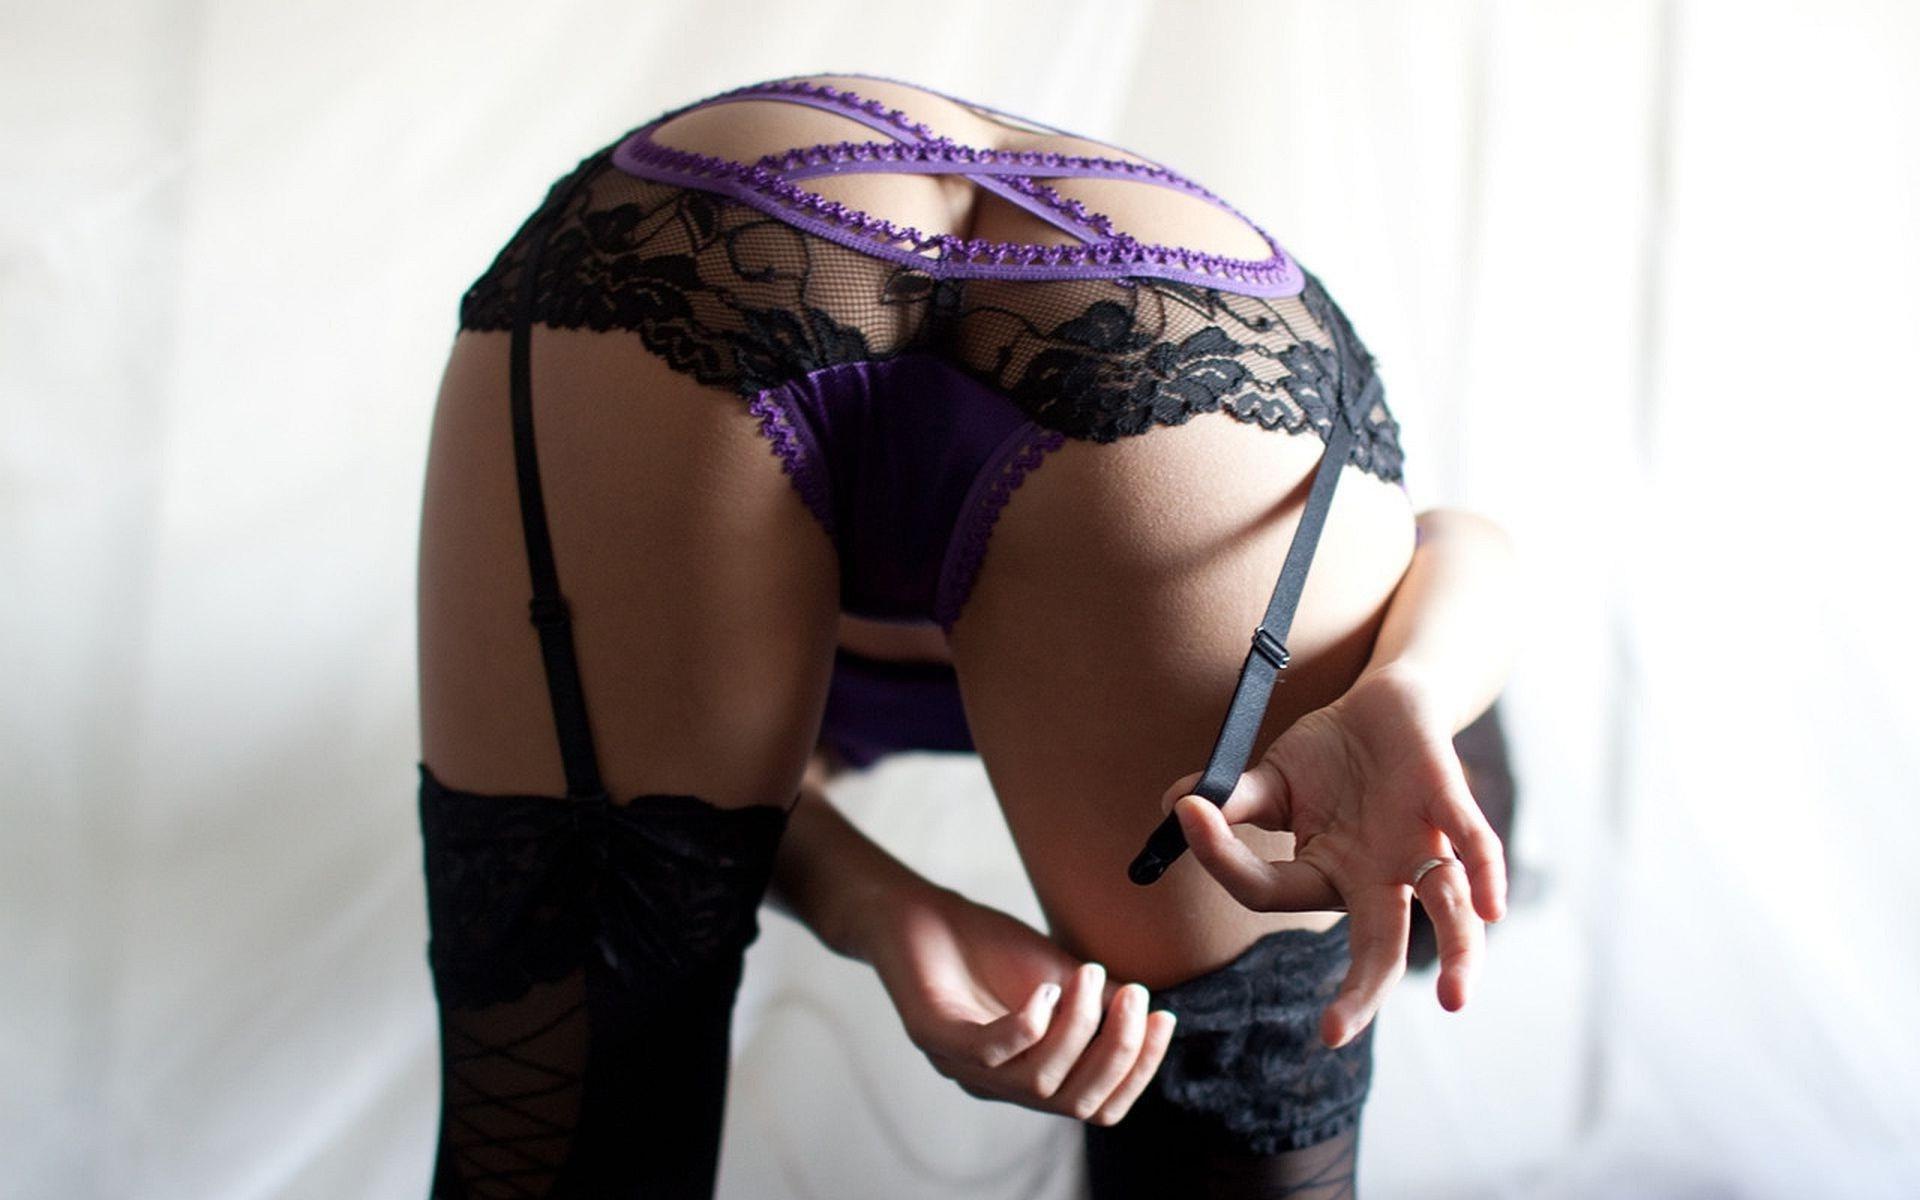 Сексуальная девка в трусиках 27 фотография